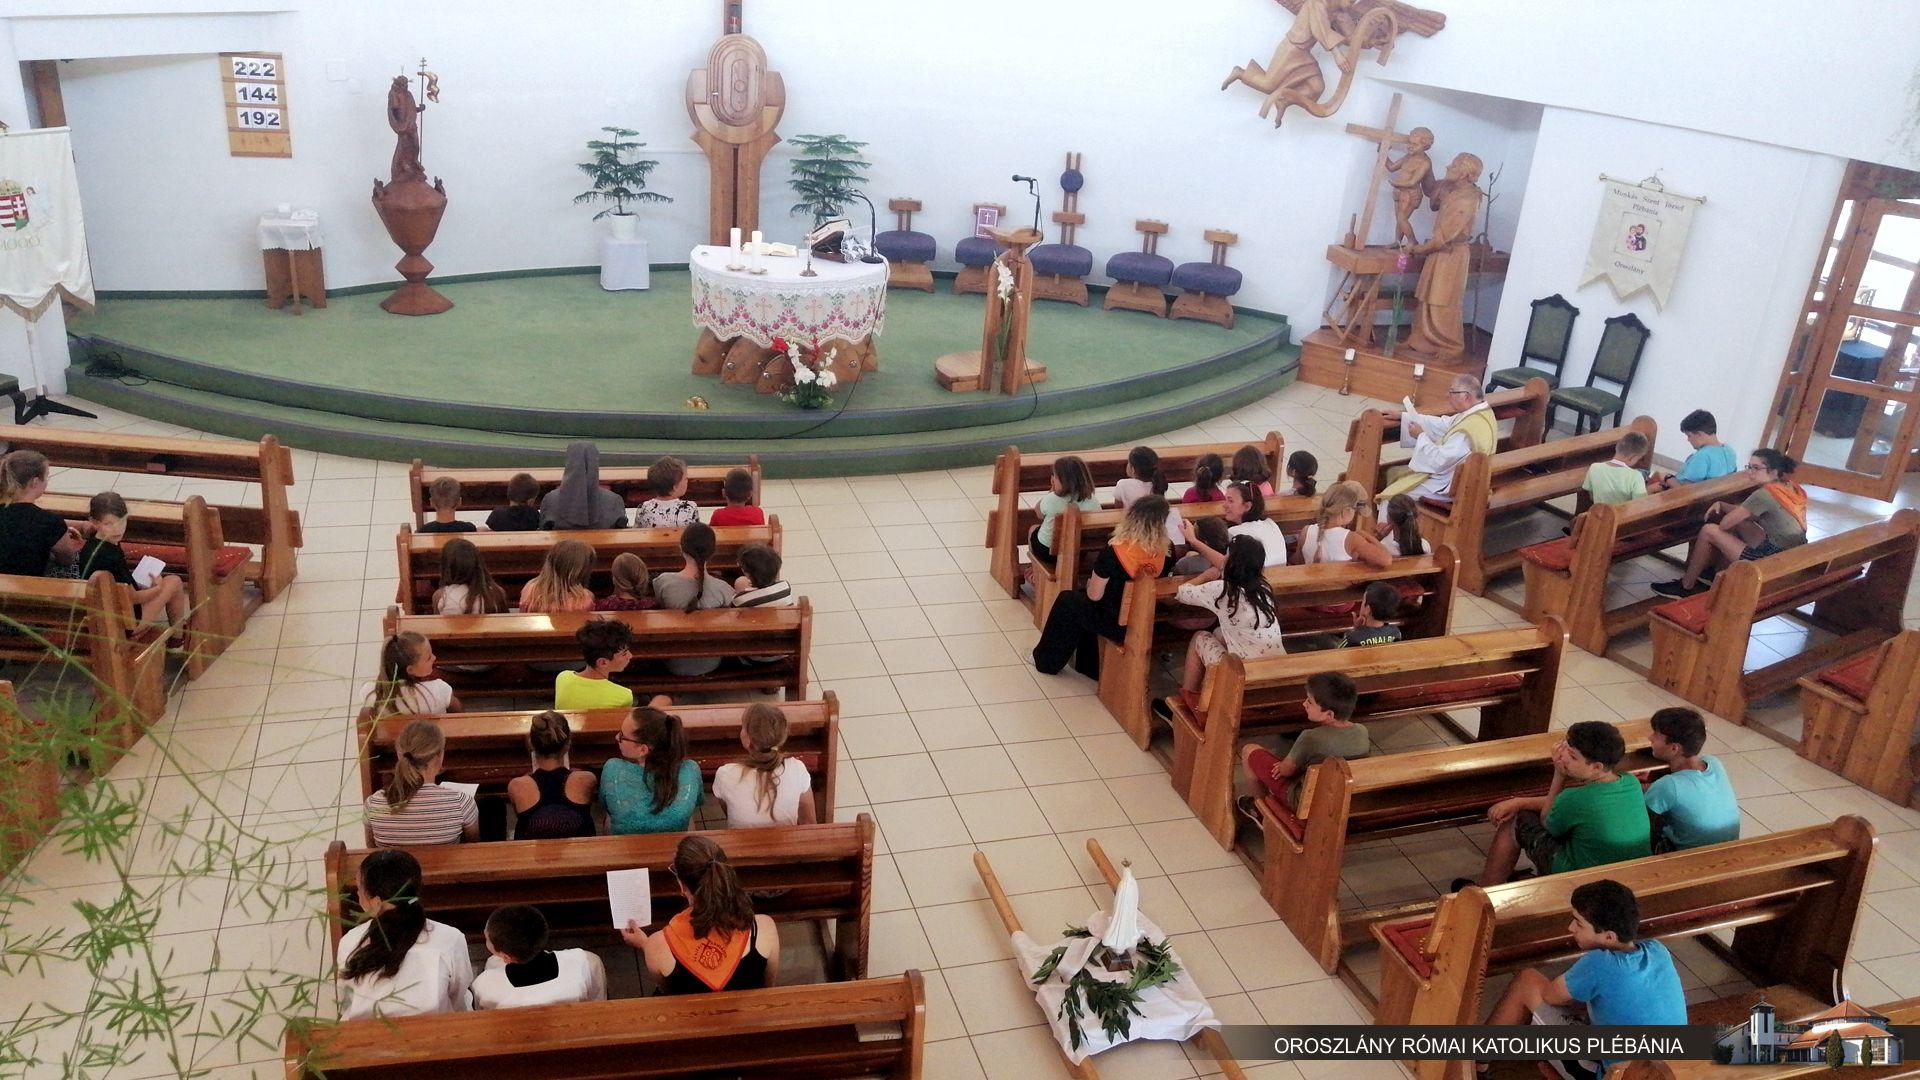 Gyermekek a templomban